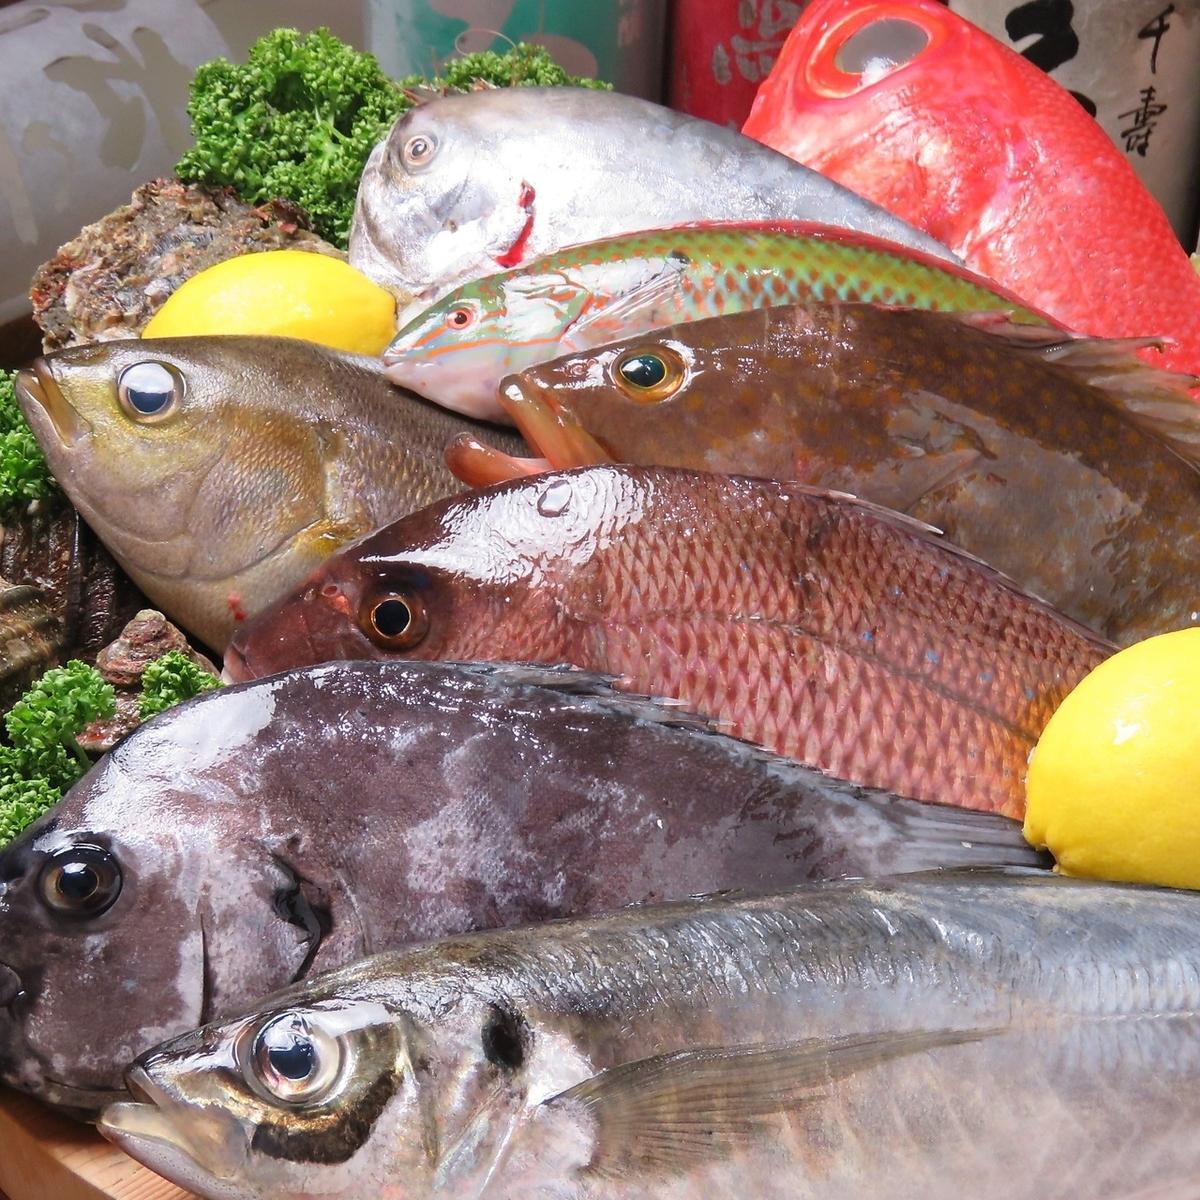 吃精心挑选的鱼